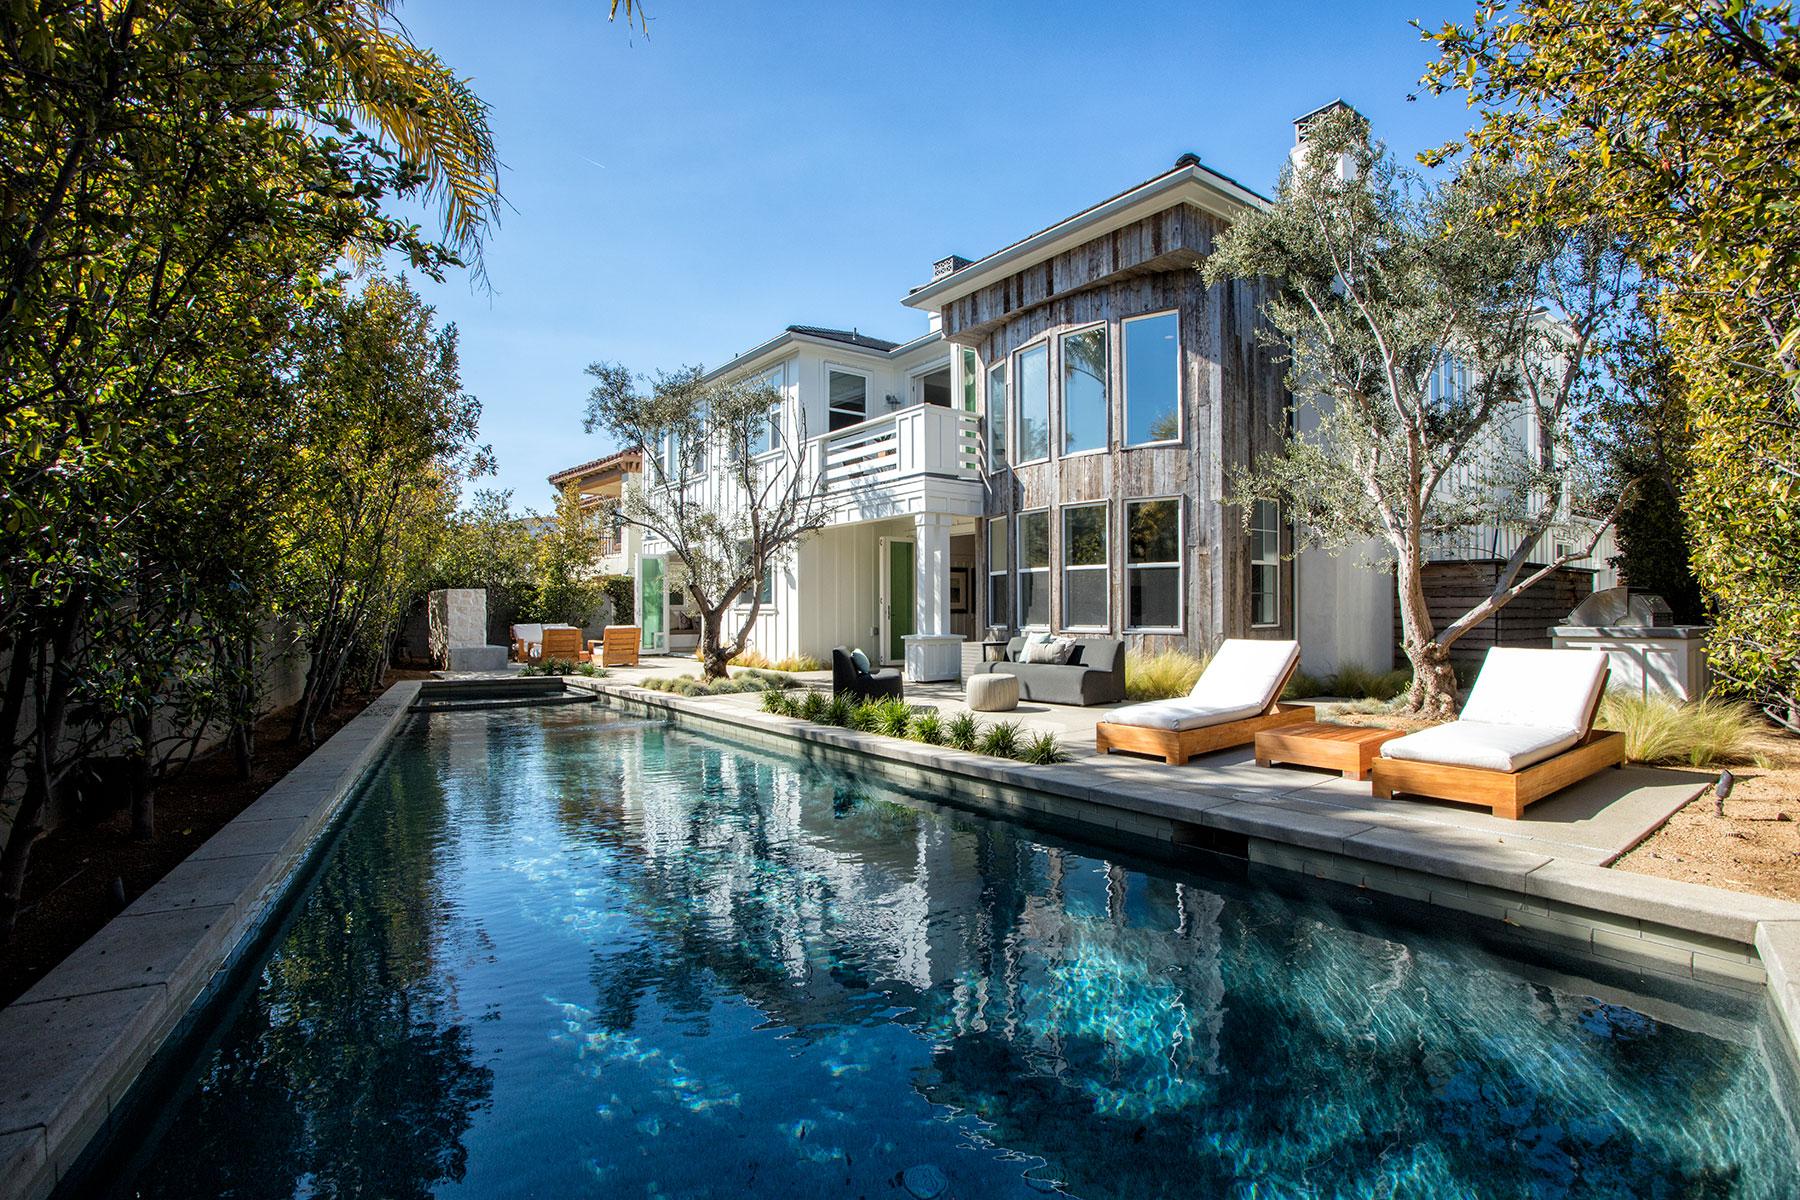 独户住宅 为 销售 在 19566 Mayfield 杭廷顿海滩, 加利福尼亚州, 92648 美国